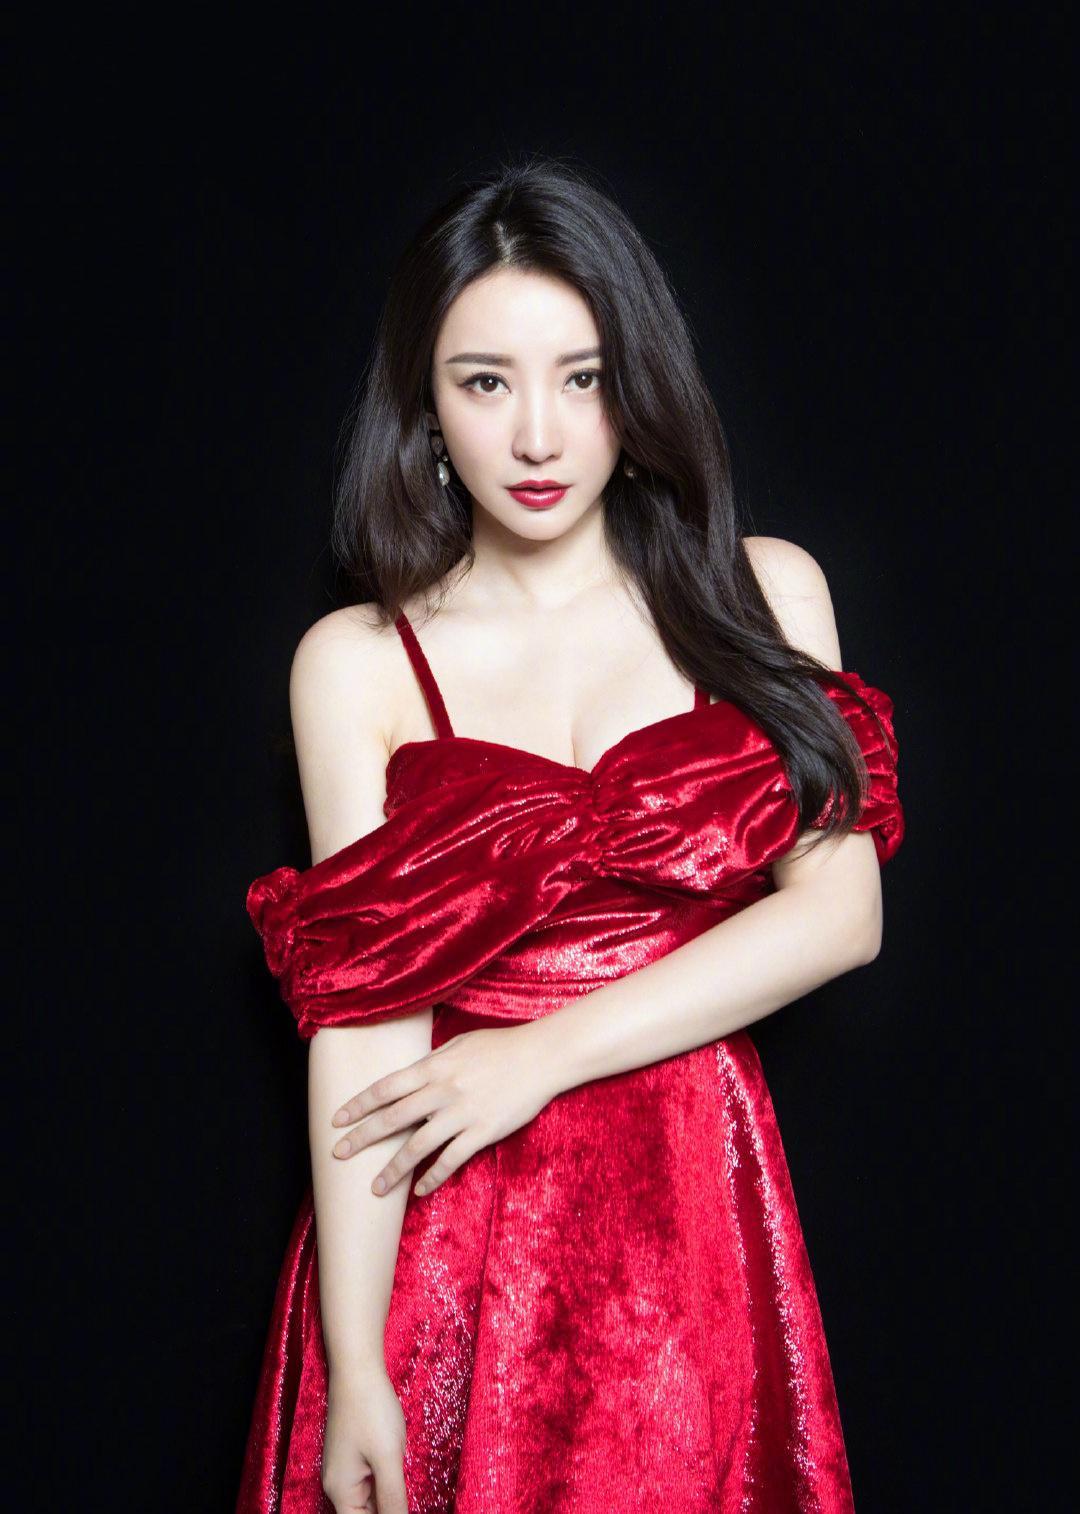 「小roro」40岁柳岩气质不减,长卷发配红裙尽显性精致品味,优雅自若超有范